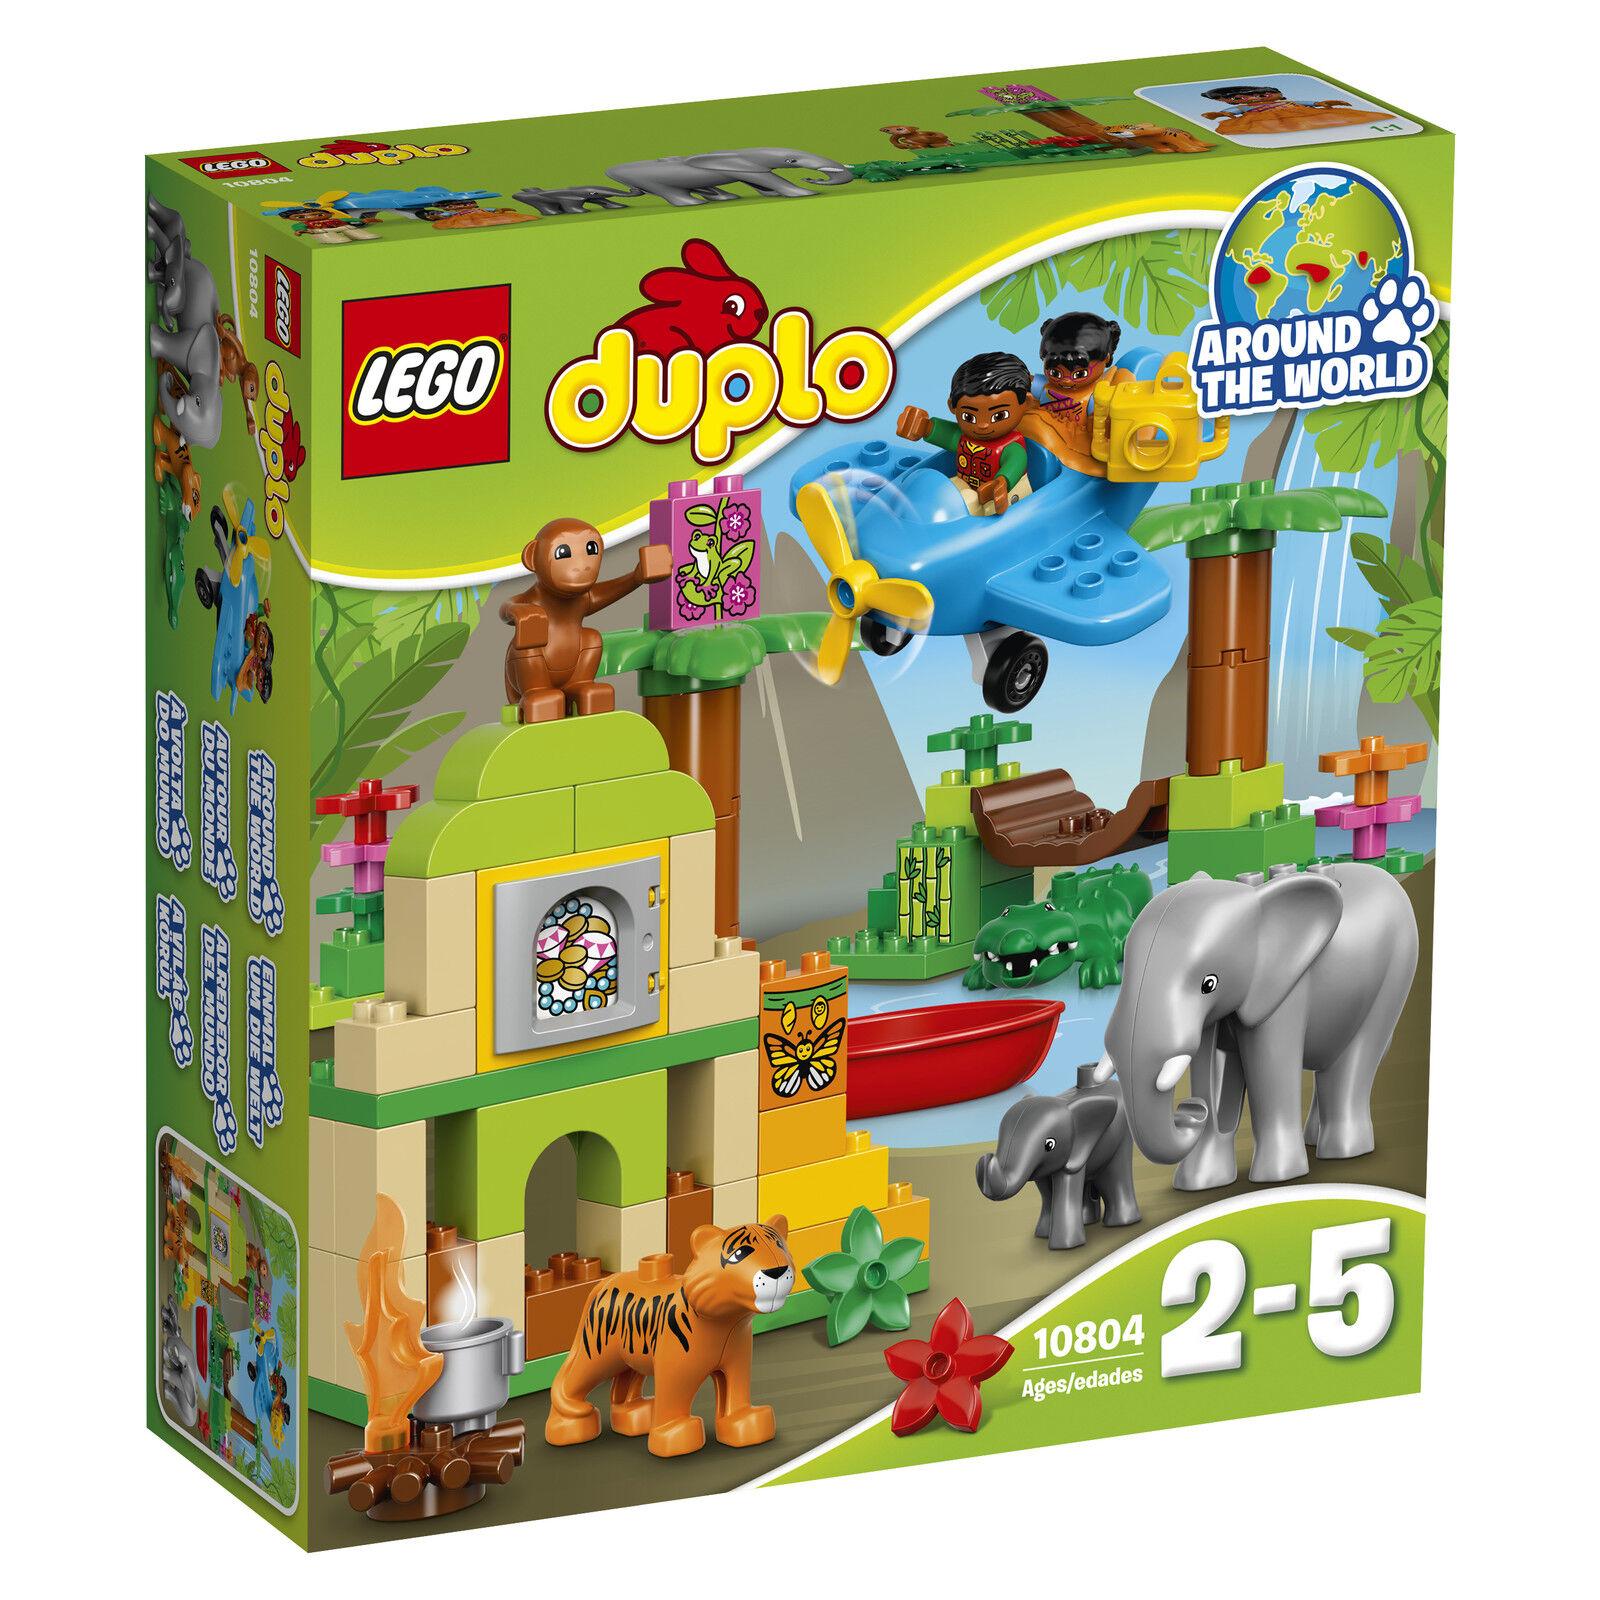 LEGO ® DUPLO ® 10804 Jungle Neuf neuf dans sa boîte _ JUNGLE NEW En parfait état, dans sa boîte scellée Boîte d'origine jamais ouverte